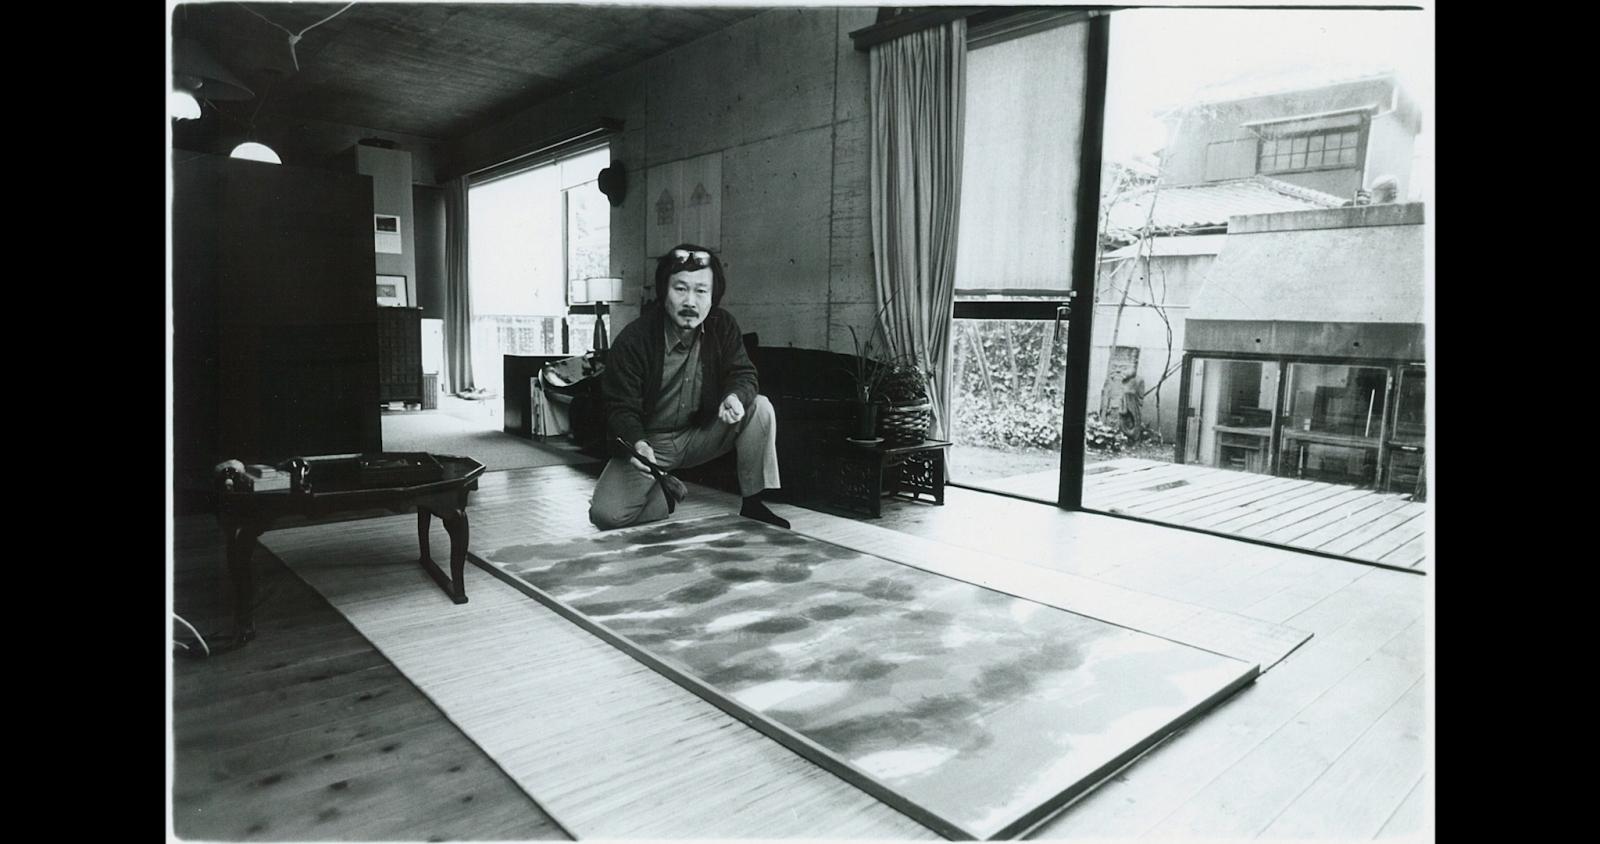 이타미 준 (본명: 유동룡) 1937년~2011년, 도쿄 출생이지만 평생 한국 국적을 유지했던 재일 한국인 건축가이다.